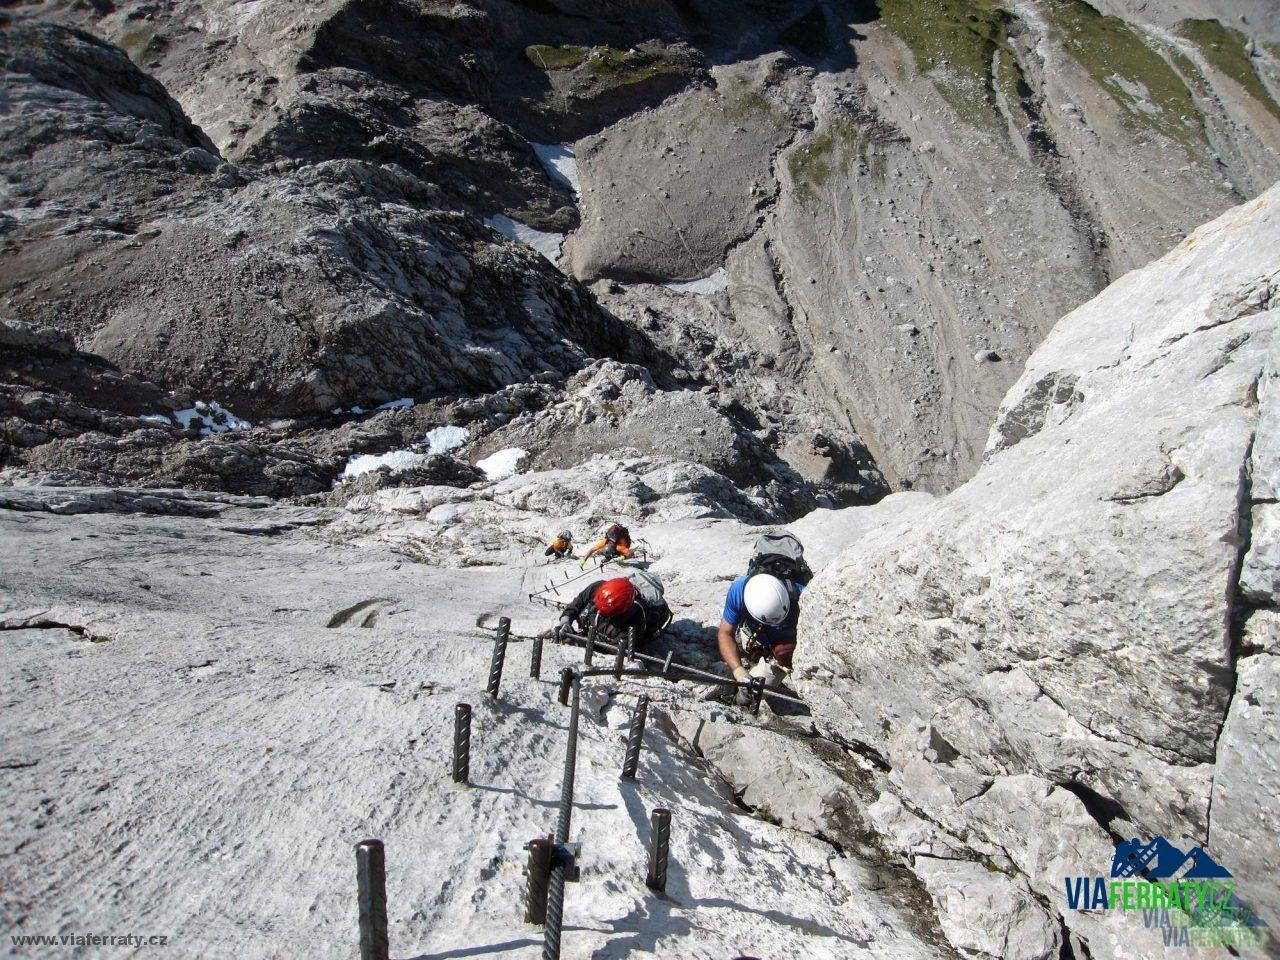 Klettersteig Johann : Anna johann klettersteig topo bergfex d e